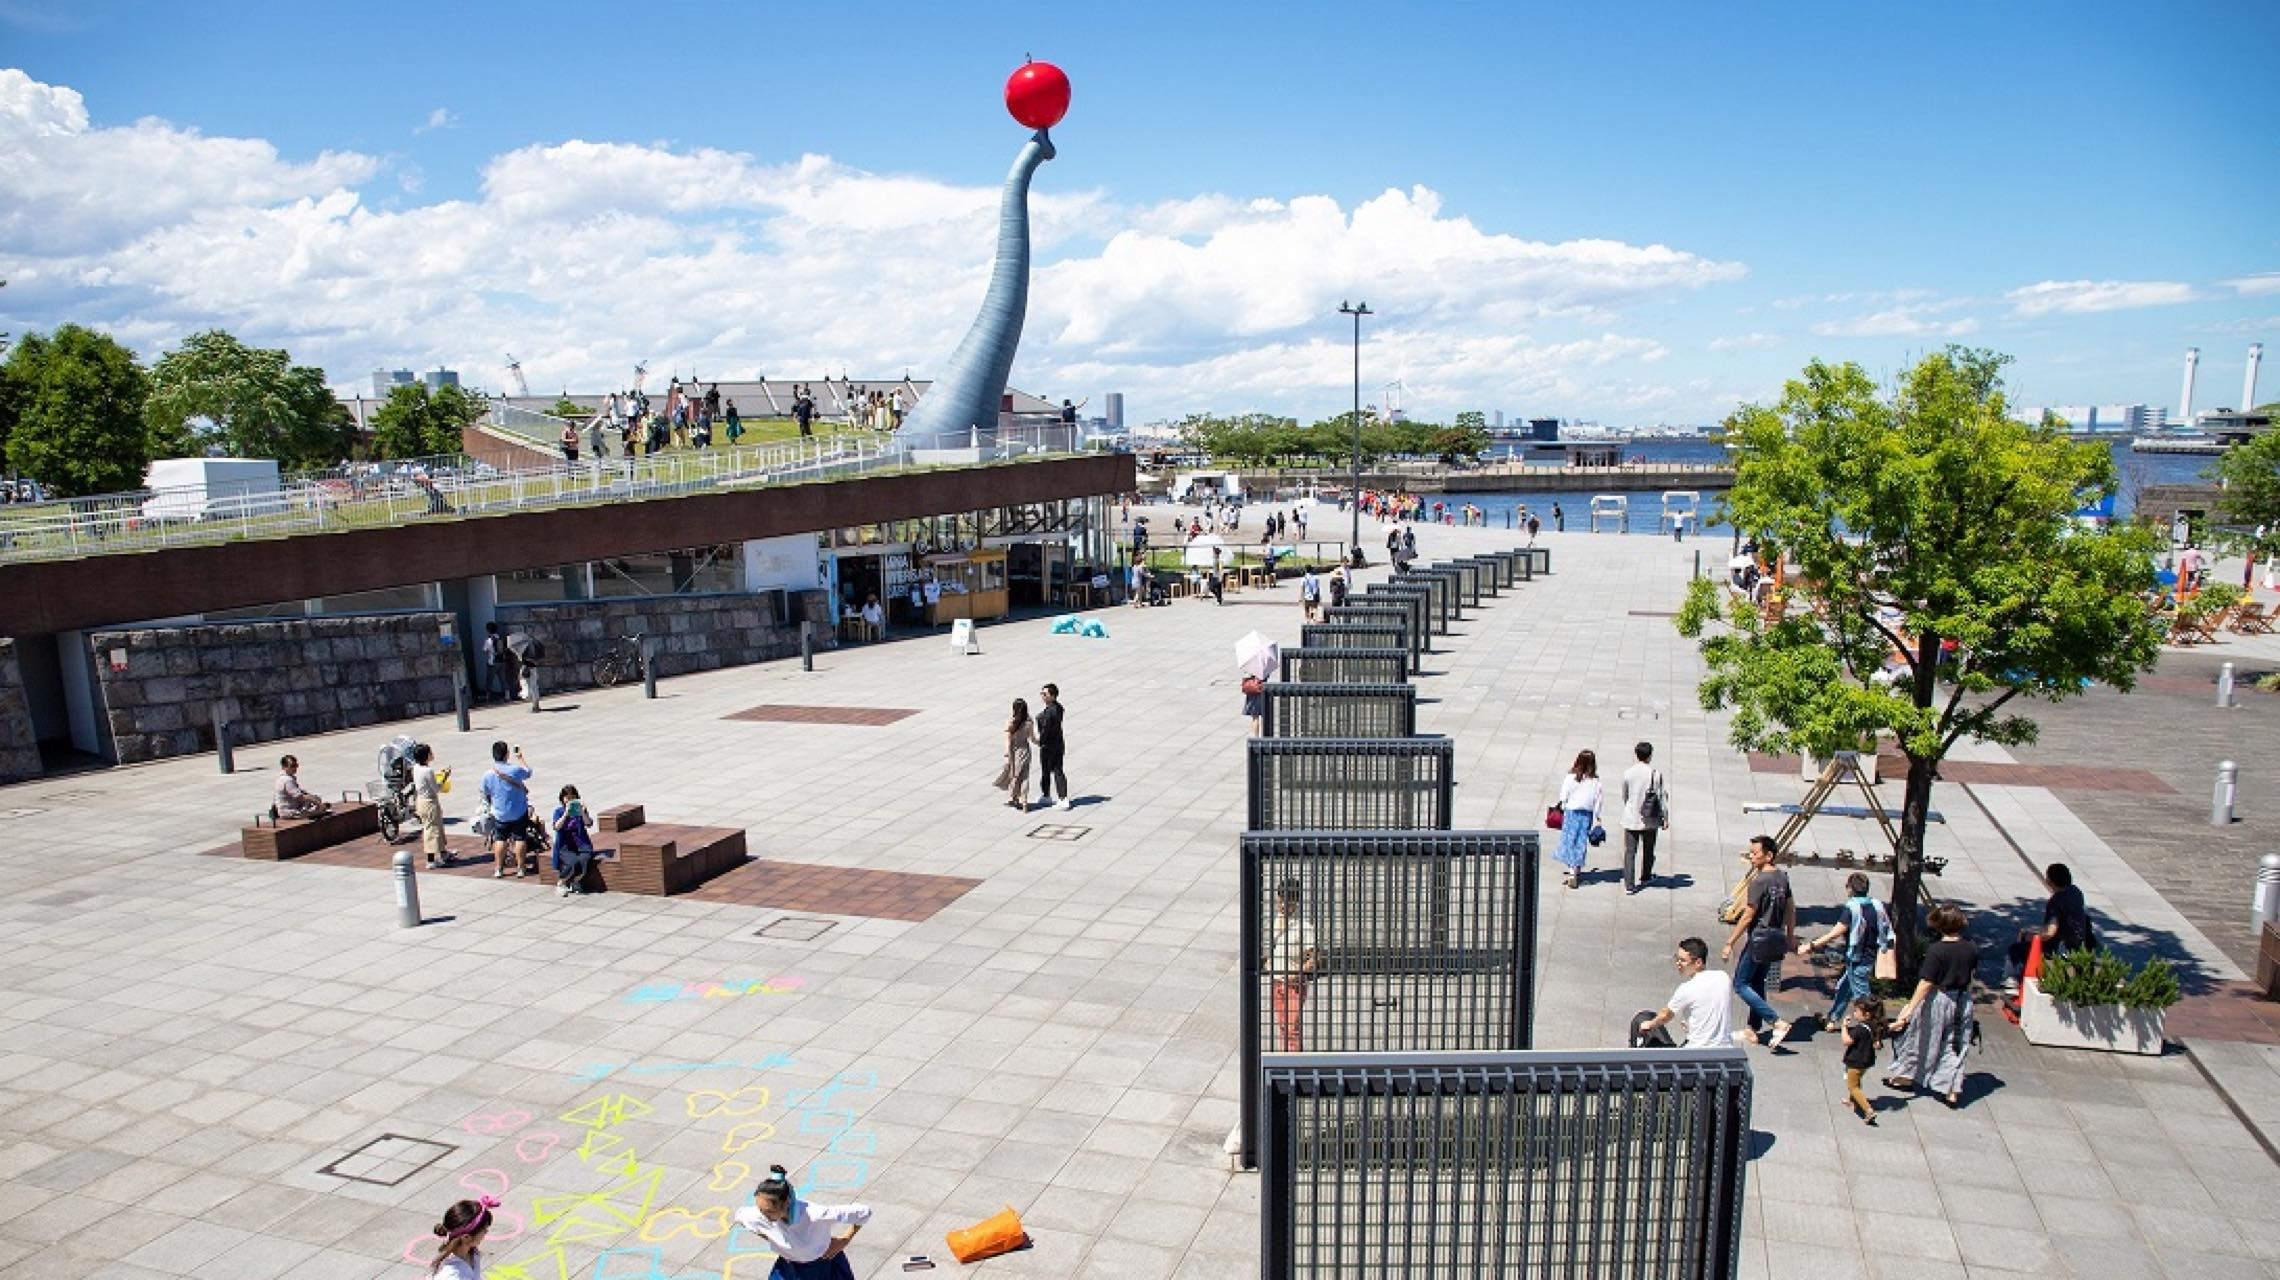 豊かな「余白」を求めて。アートに彩られた公共空間で、創造力を高める